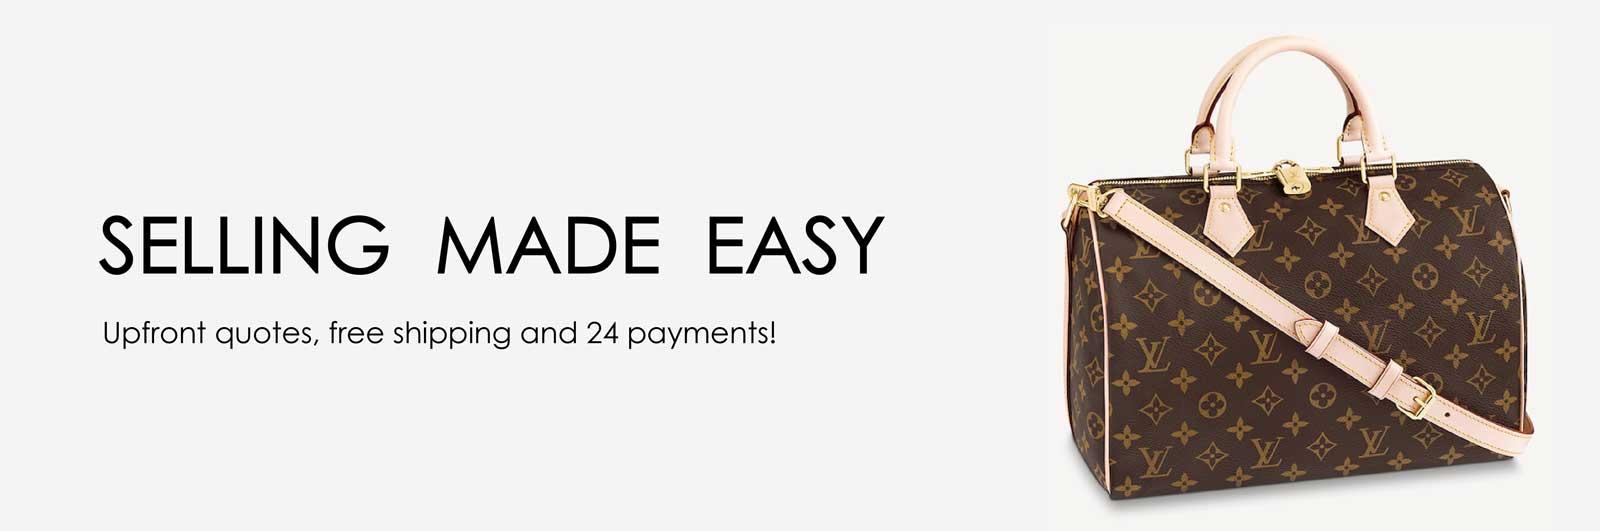 Sell your designer items to cashinmybag.com